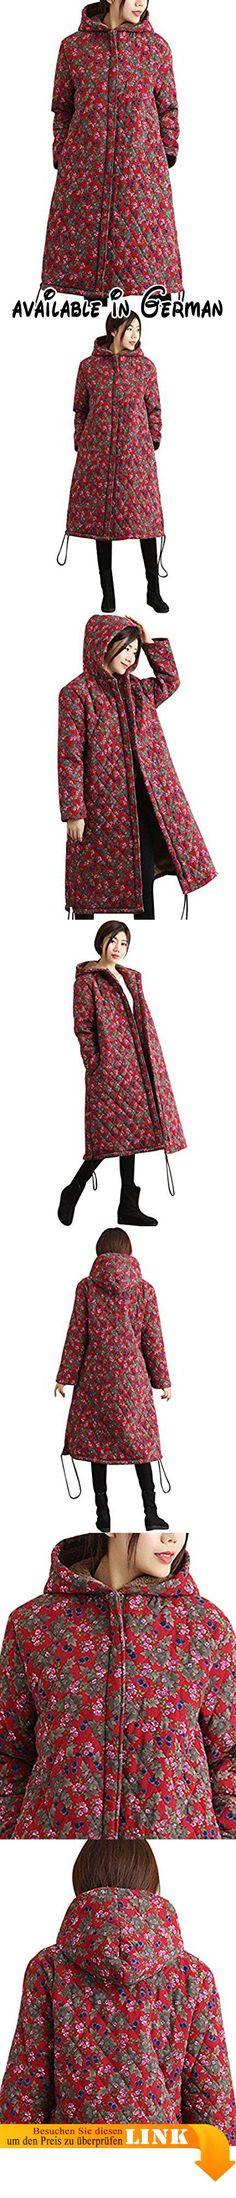 Youlee Damen Winter Herbst Blumen Mäntel Verdicken Baumwolle Leinen Mäntel  mit Kapuze Red. Mit Kapuze 22d07f02ae